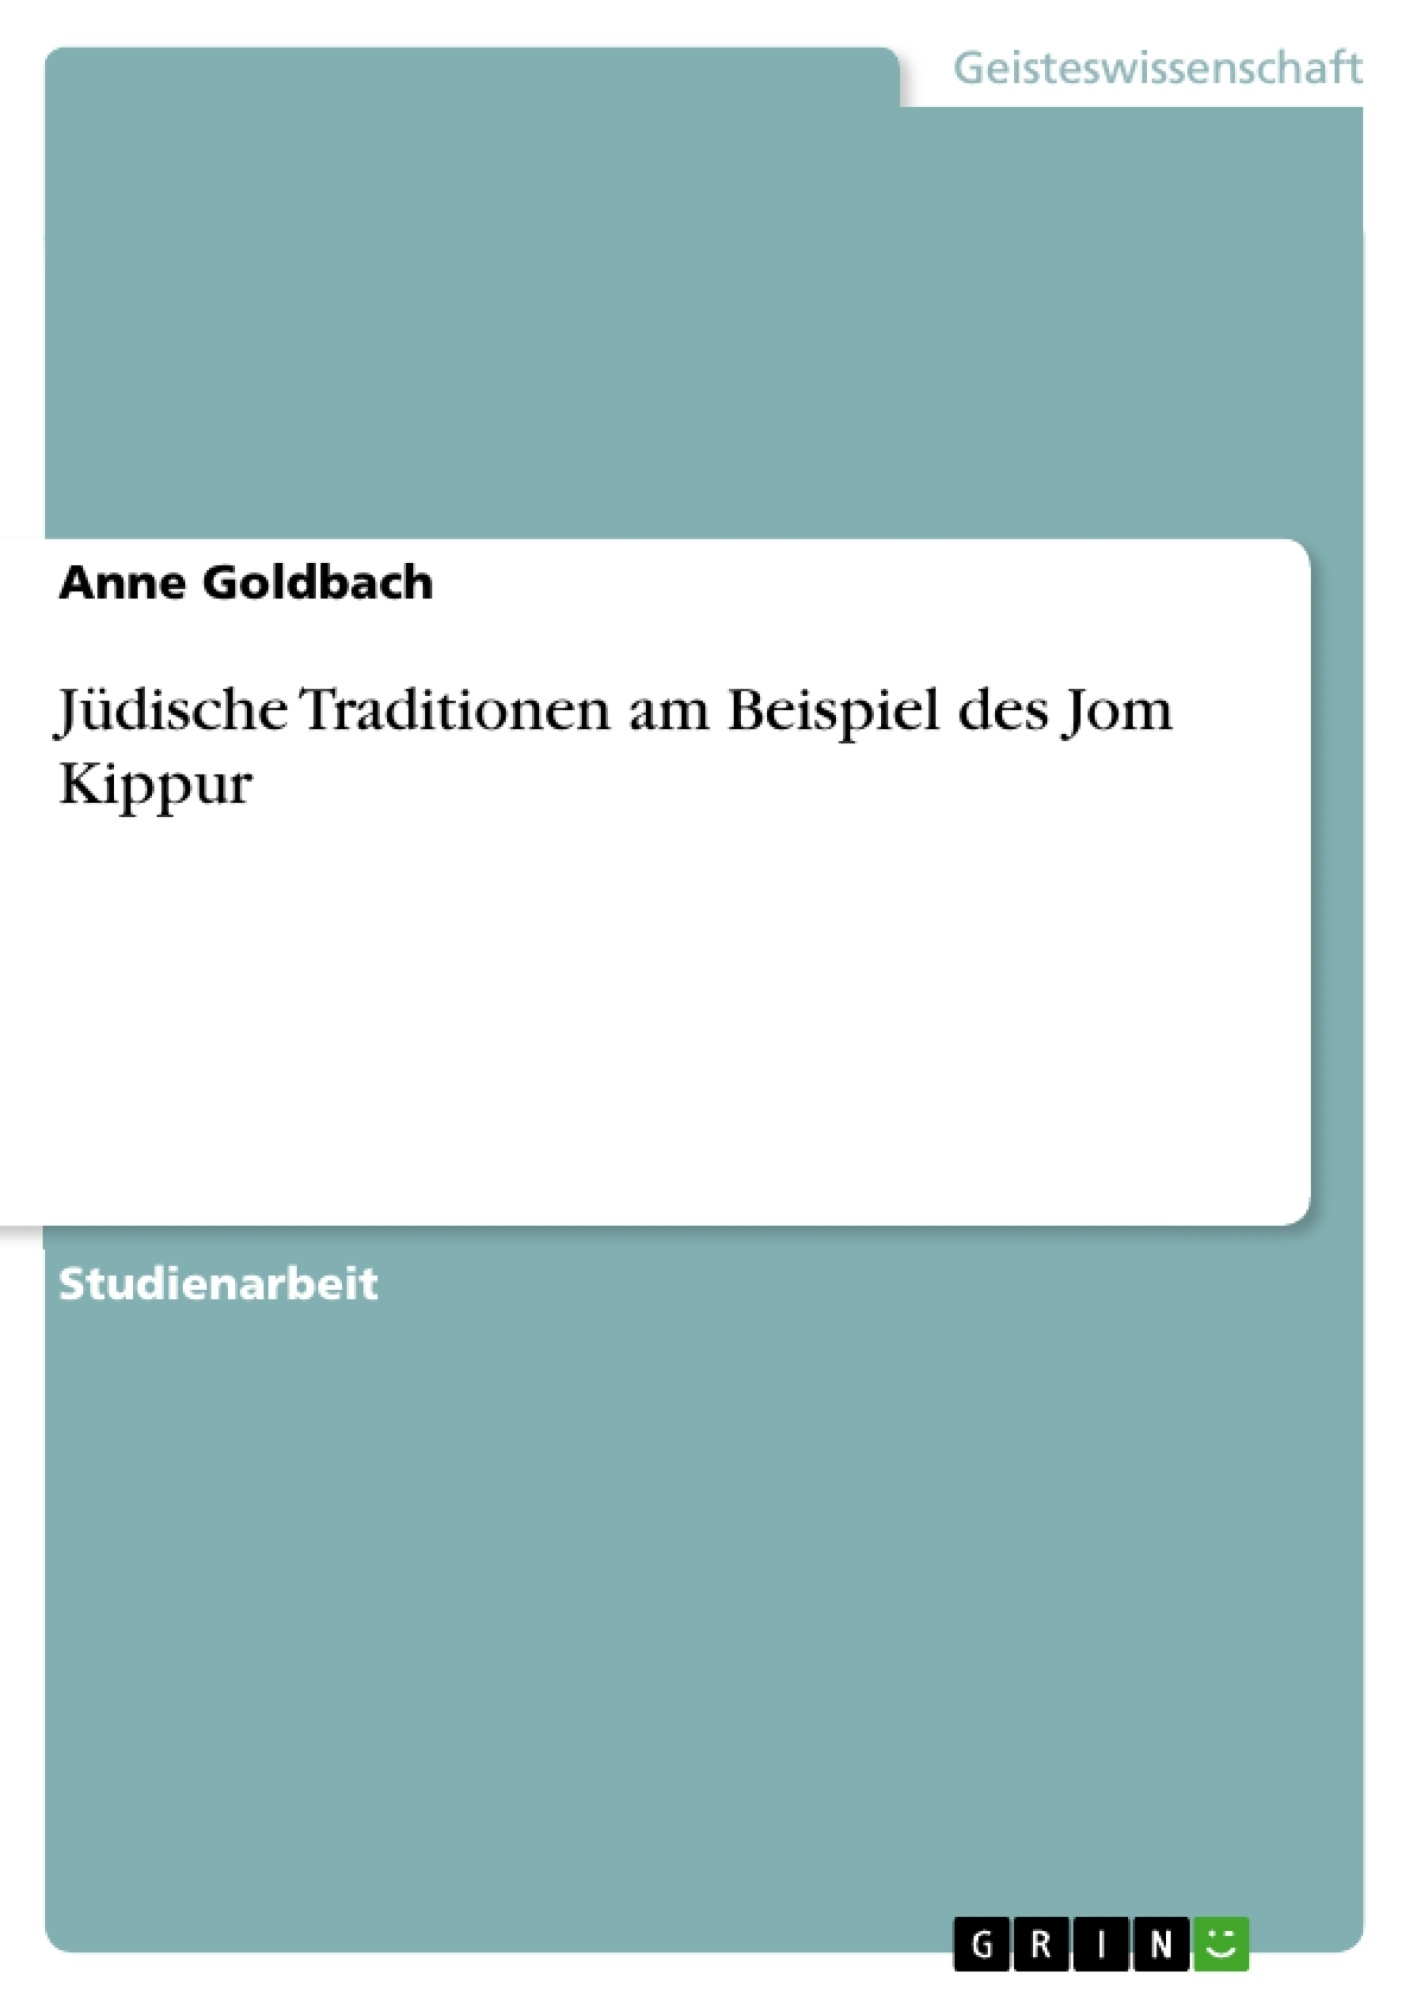 Titel: Jüdische Traditionen am Beispiel des Jom Kippur